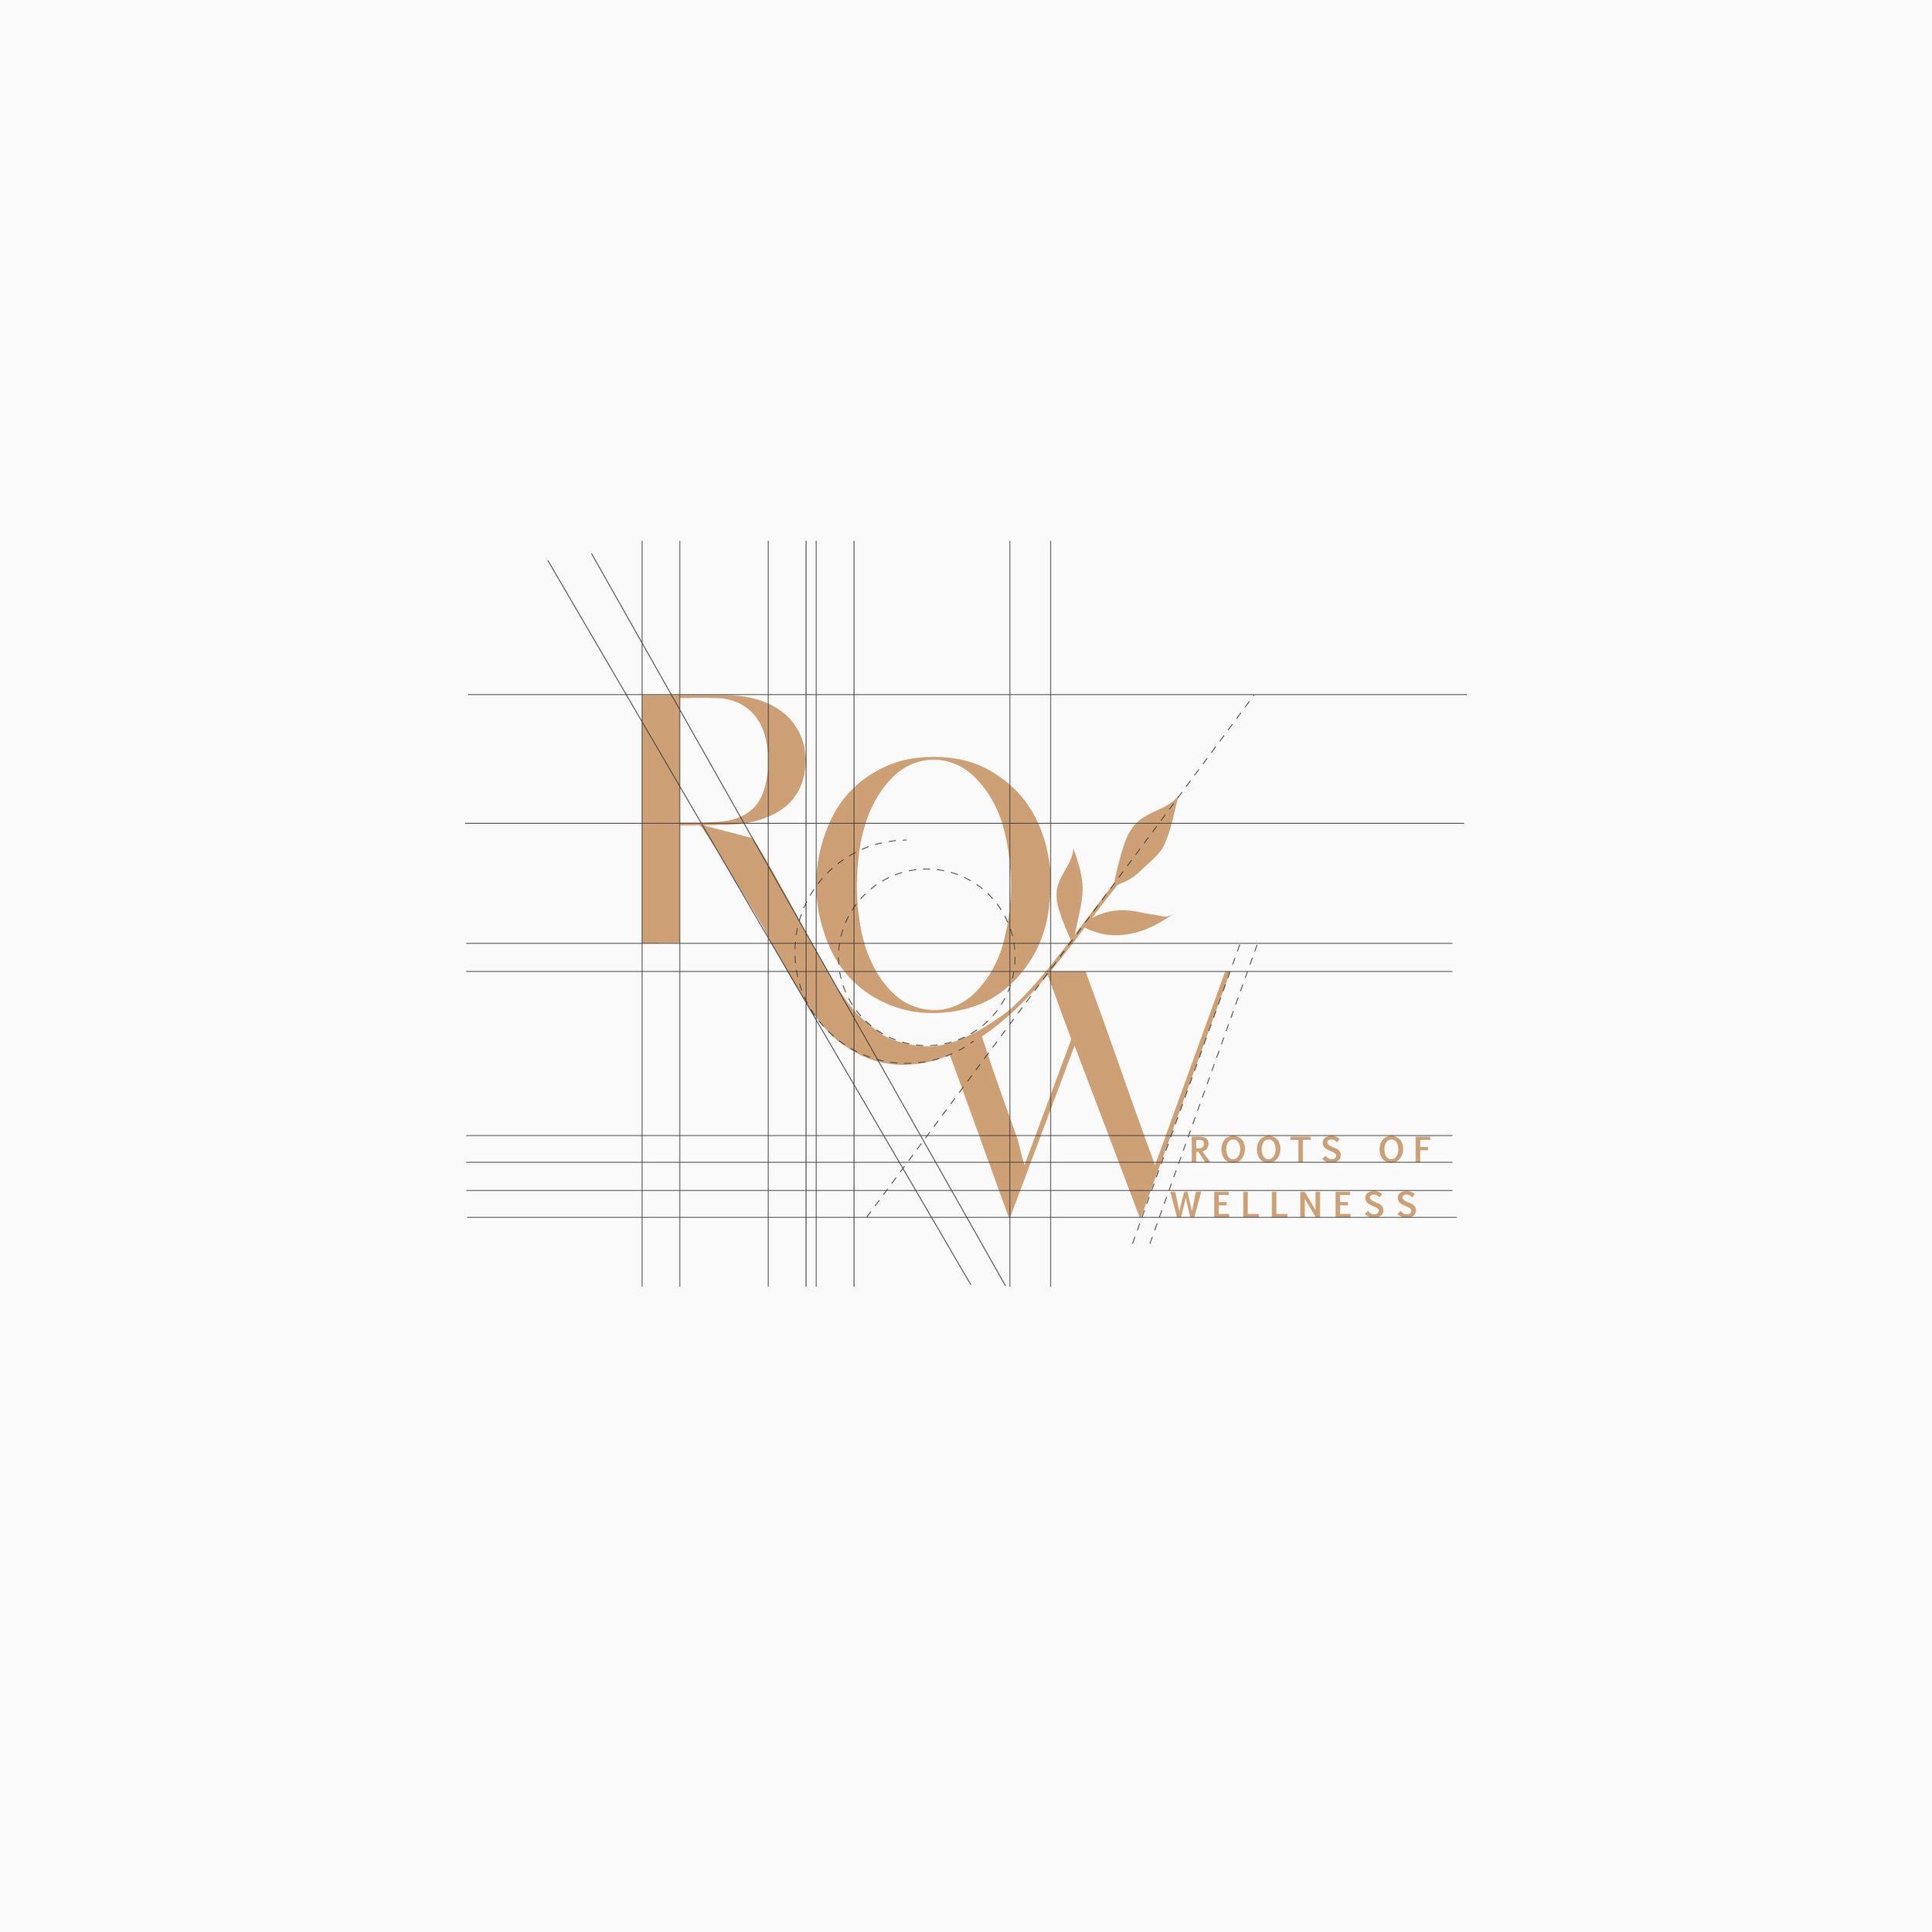 ROW3-01.jpg